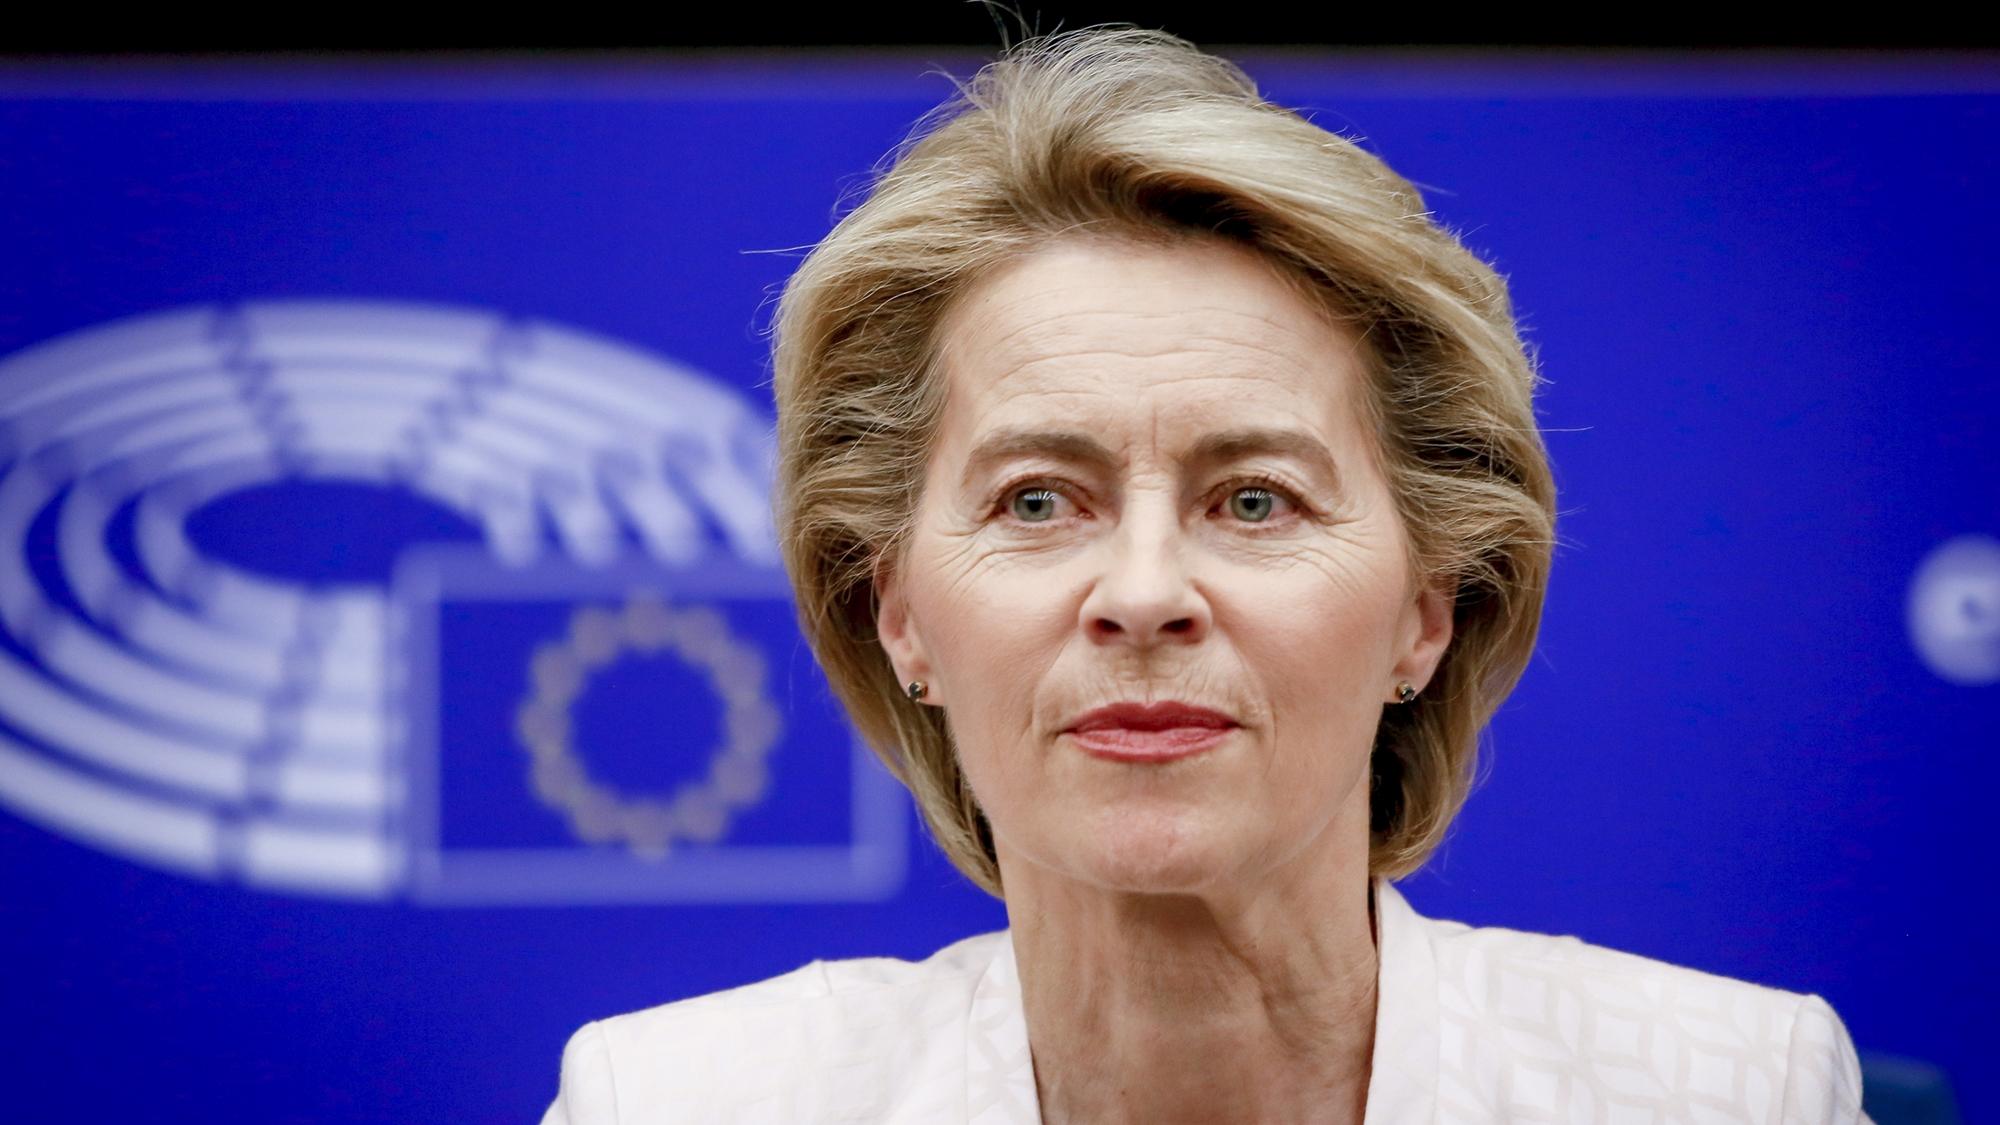 Nominada para presidir la Comisión Europea busca apoyo del Parlamento